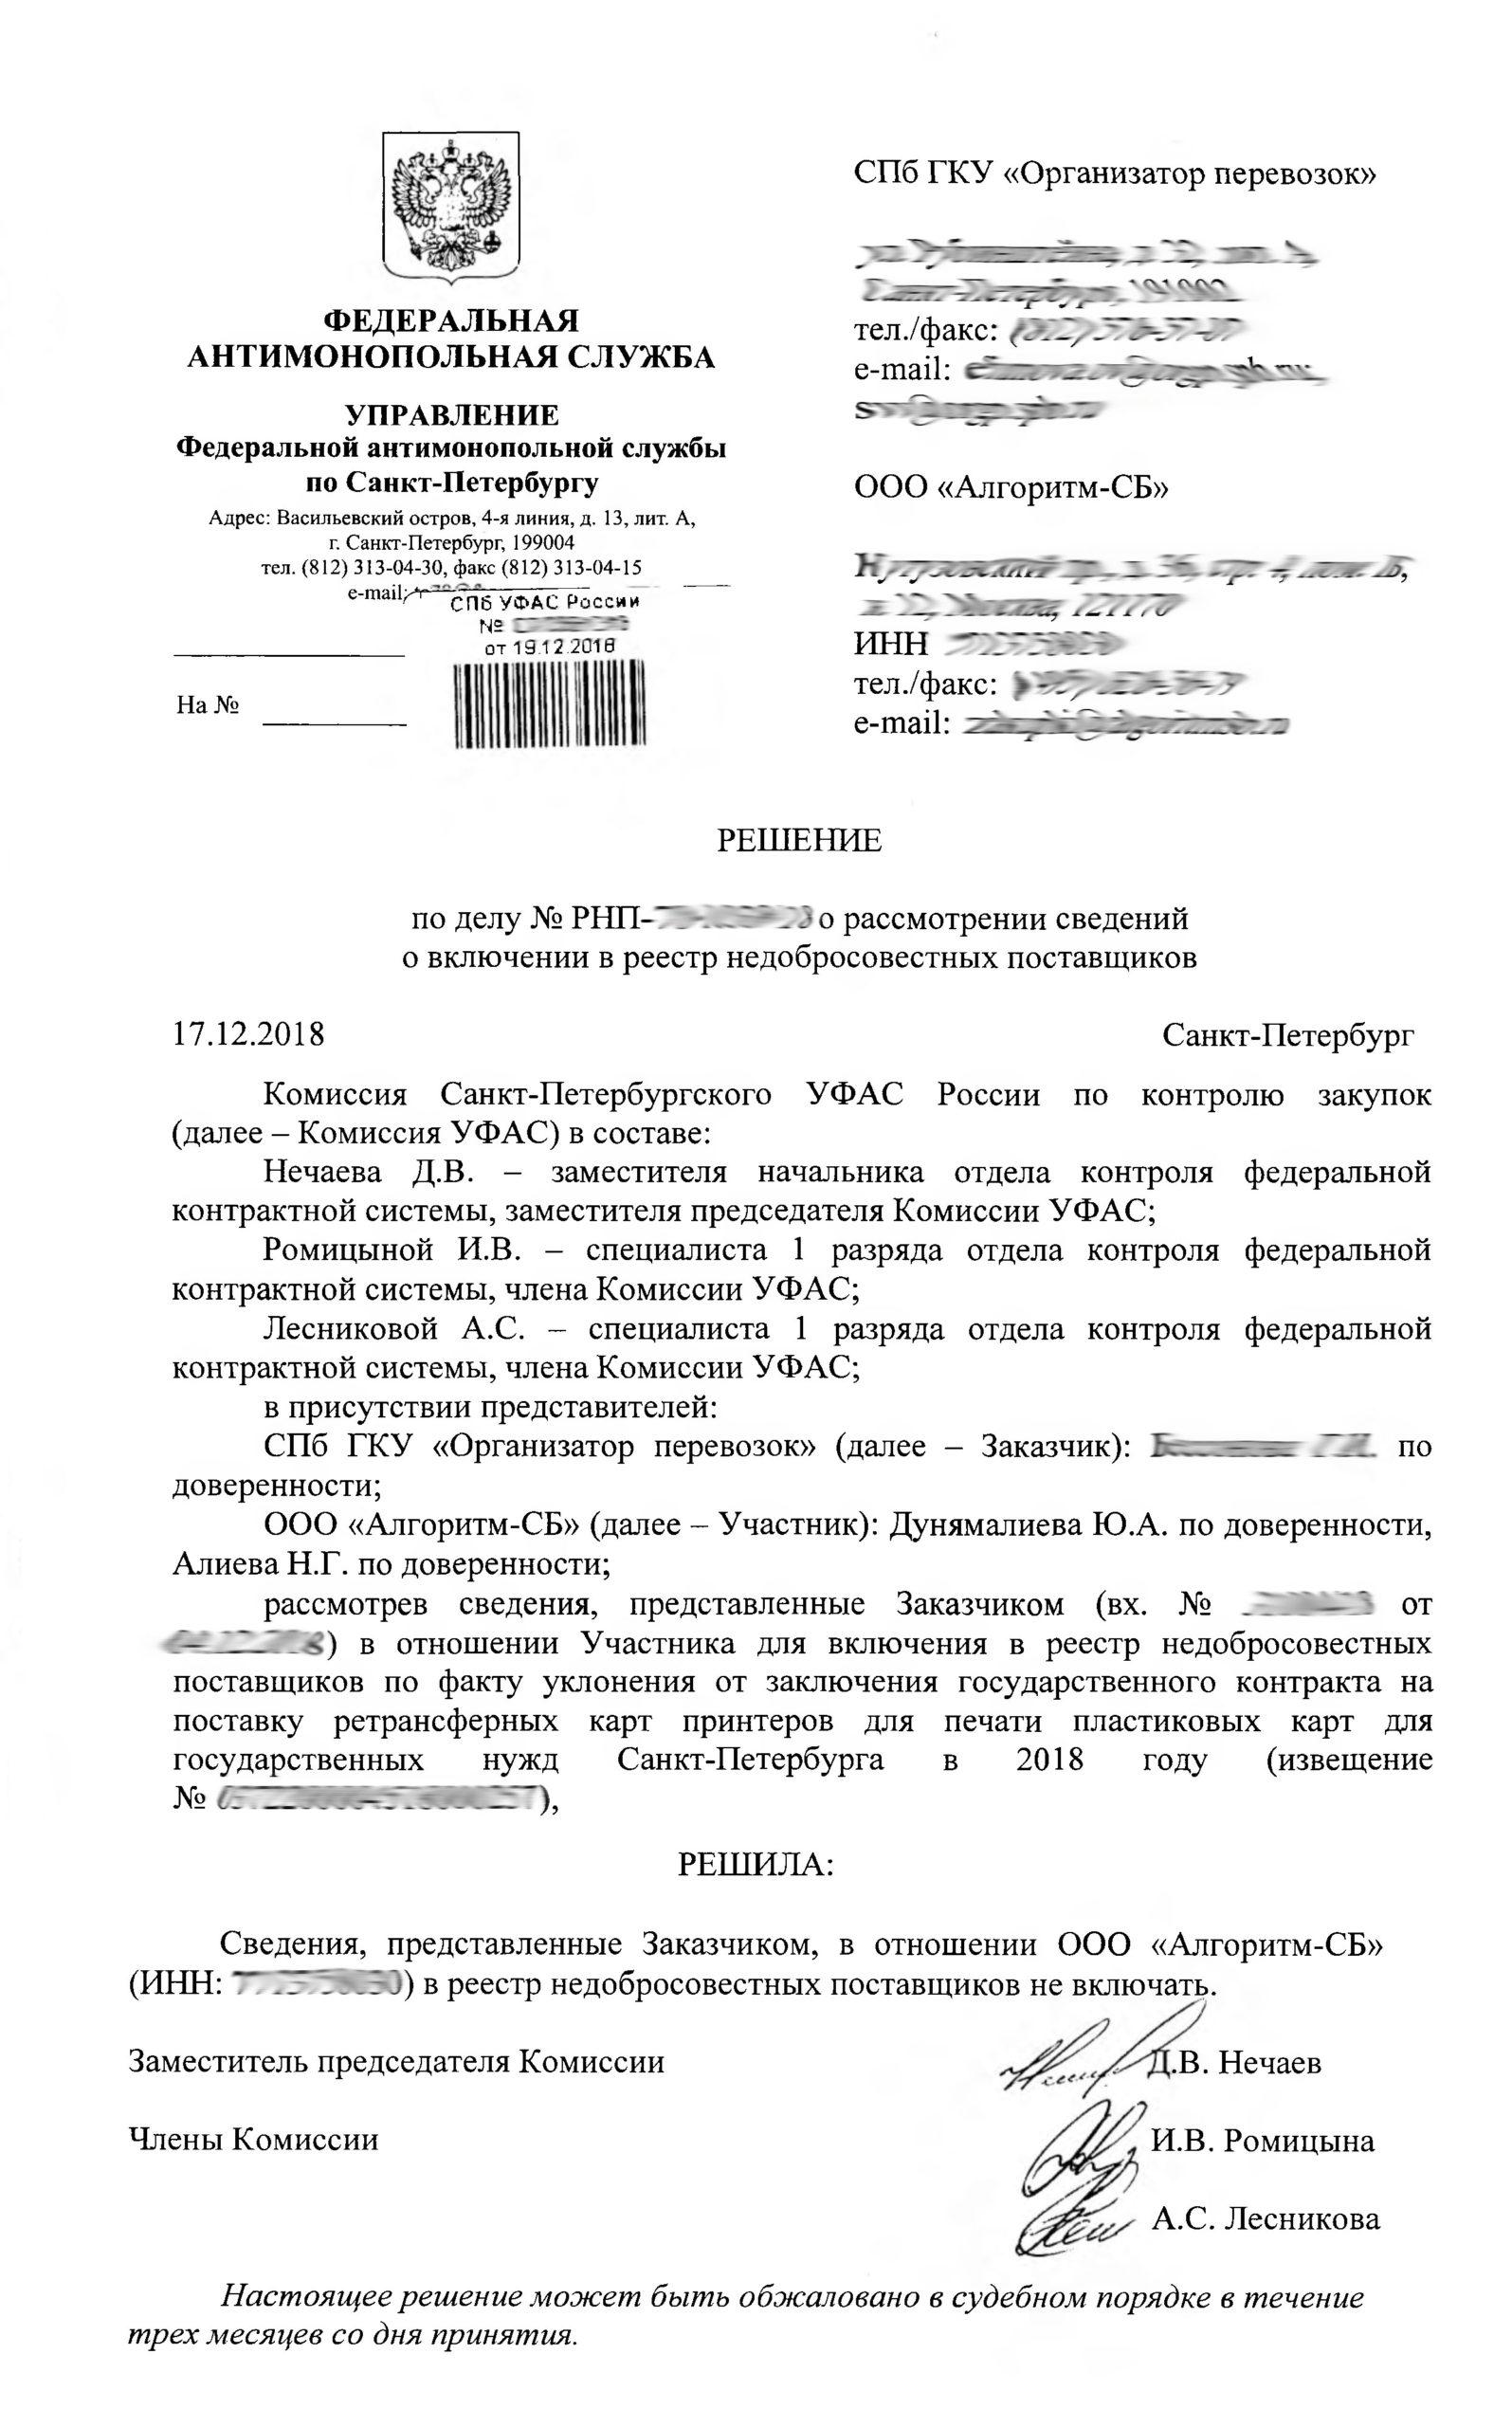 УФАС по Санкт-Петербургу Алгоритм-сб решение